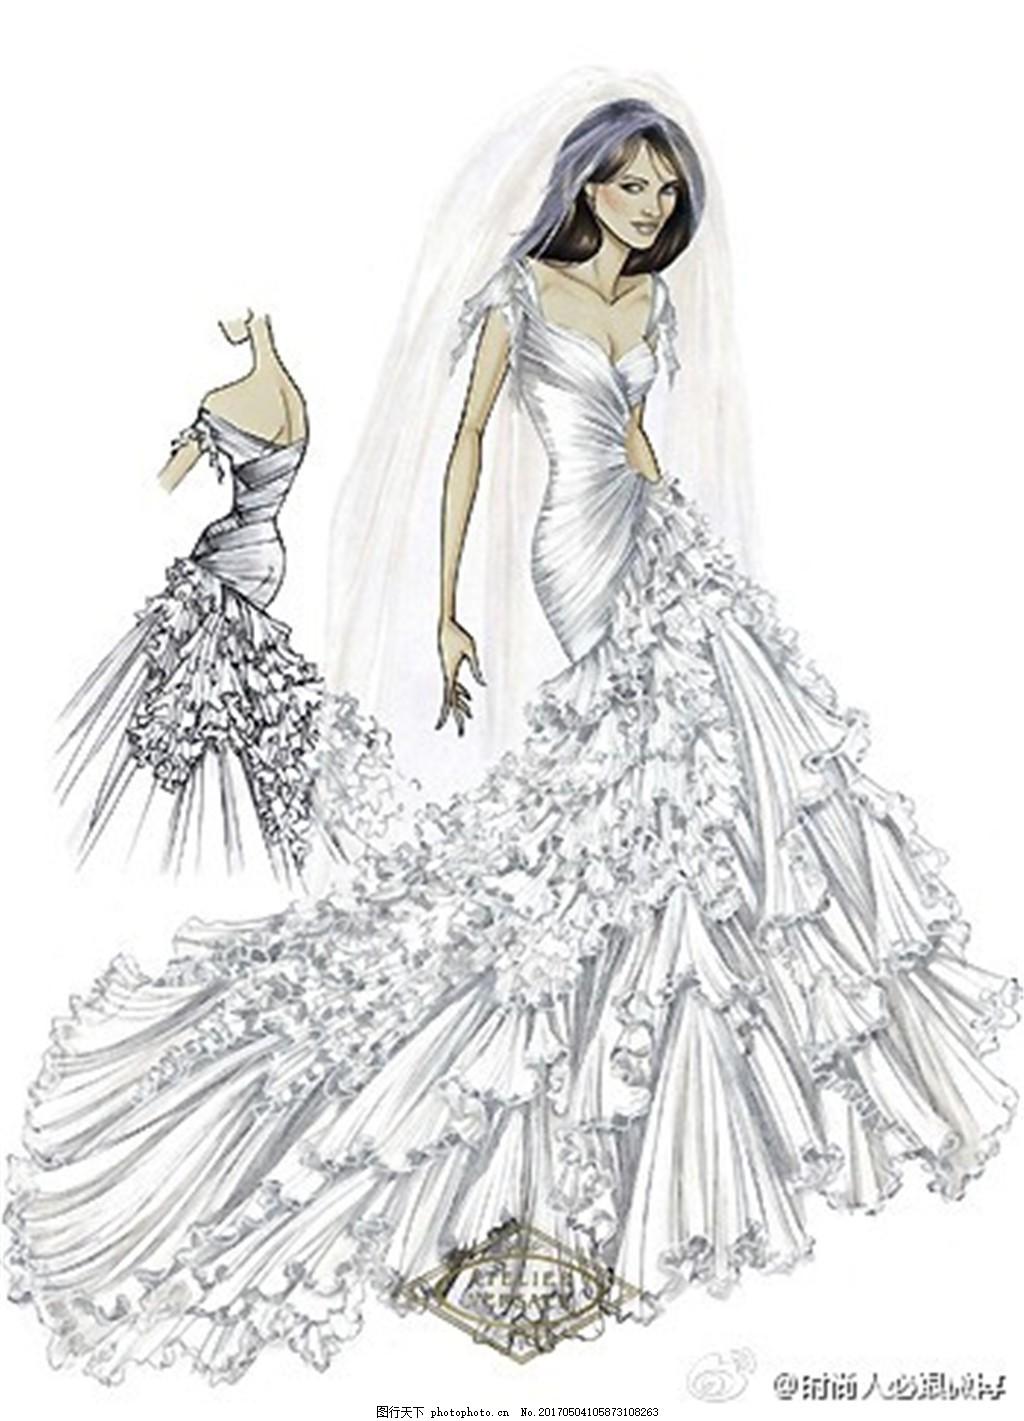 设计图库 现代科技 服装设计  时尚婚纱礼服设计图 服装设计 时尚女装